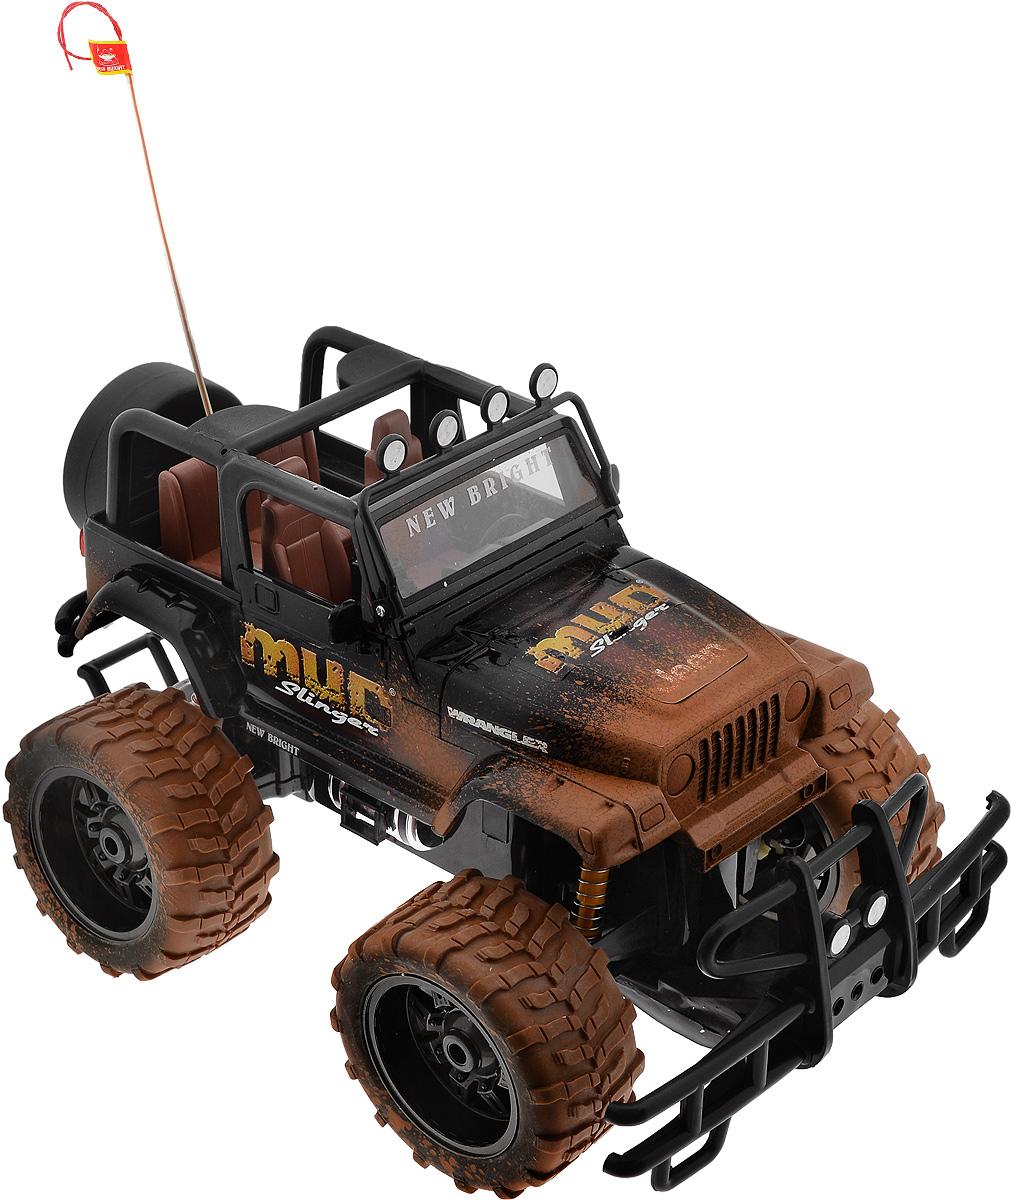 New Bright Радиоуправляемая модель Jeep Wrangler цвет коричневый черный масштаб 1:1031079/61088RКультовый американский автомобиль Jeep Wrangler привлечет внимание как ребенка, так и взрослого. Маневренная и реалистичная уменьшенная копия New Bright Jeep Wrangler выполнена в точной детализации с настоящим автомобилем в масштабе 1:10. Управление машиной происходит с помощью пульта. Пульт управления работает на частоте 27 MHz. Jeep двигается вперед и назад, поворачивает направо и налево. Колеса игрушки прорезинены и обеспечивают плавный ход, машинка не портит напольное покрытие. Радиоуправляемые игрушки способствуют развитию координации движений, моторики и ловкости. Ваш ребенок часами будет играть с моделью, придумывая различные истории и устраивая соревнования. Порадуйте его таким замечательным подарком! Машина работает от сменного аккумулятора (входит в комплект). Зарядка осуществляется при помощи зарядного устройства (входит в комплект). Для работы пульта управления необходимы 2 батарейки типа АА (входят в комплект).